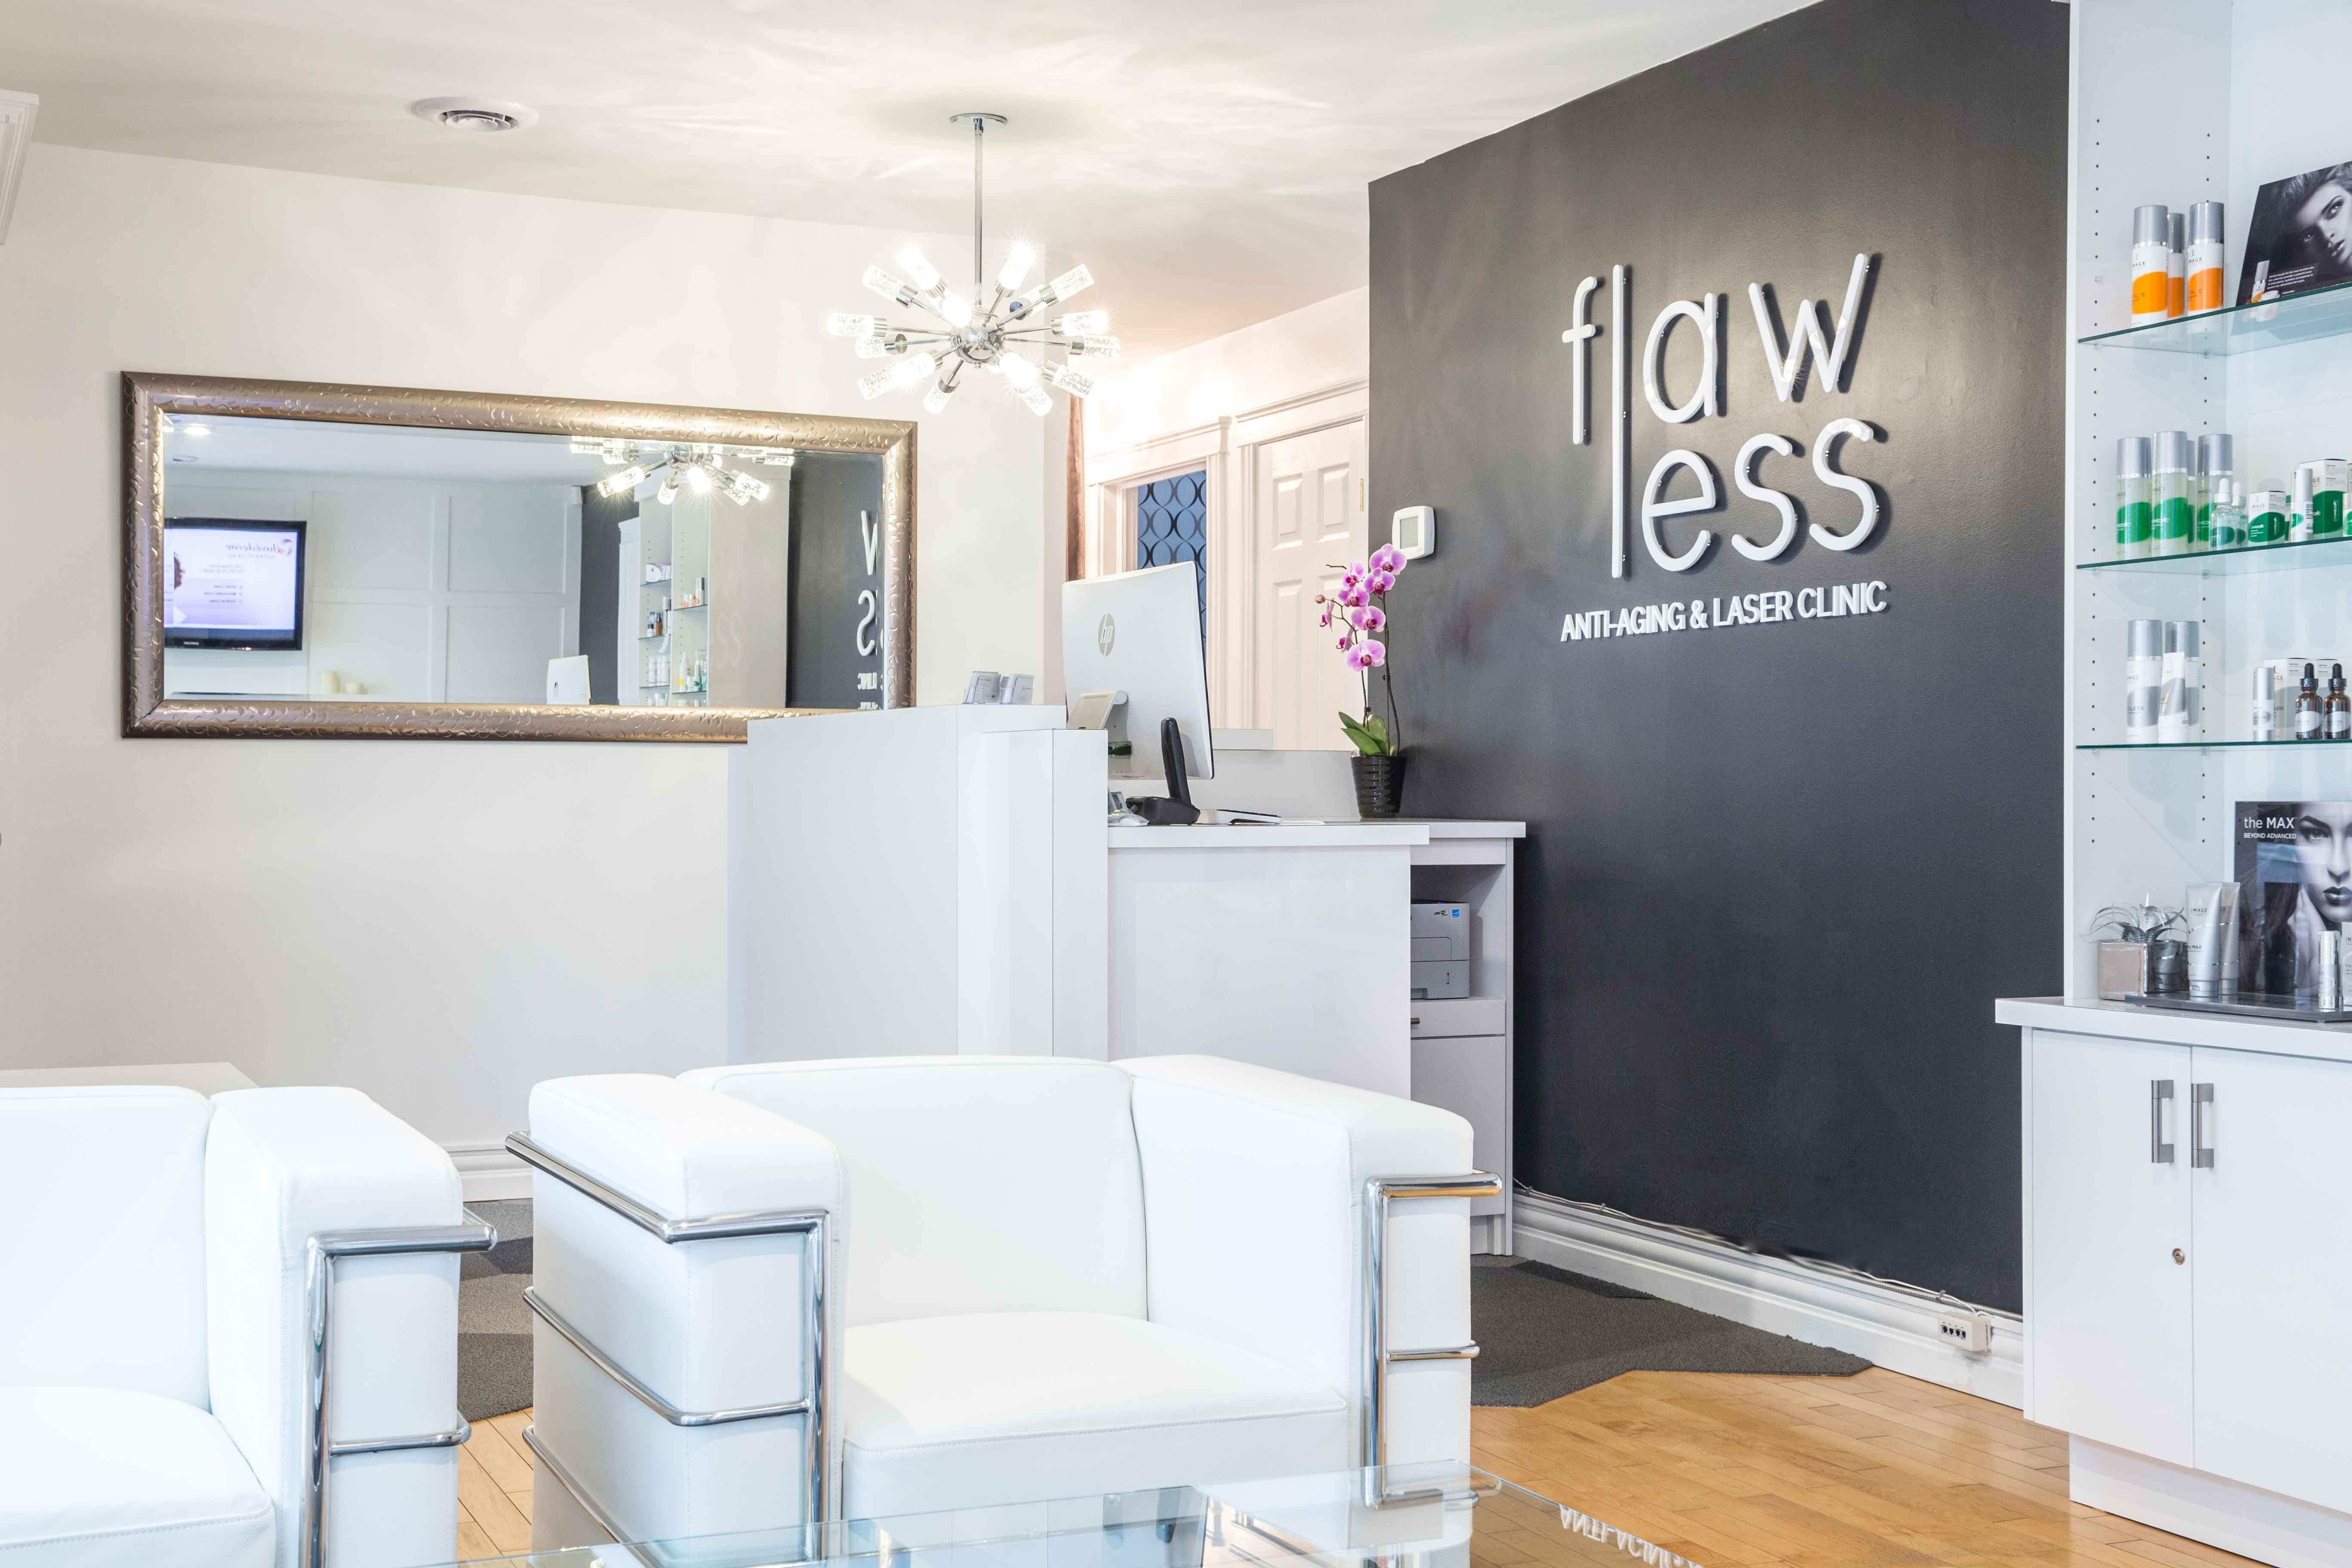 Flawless Medical Spa Design   Front Desk - Reimagine Designs